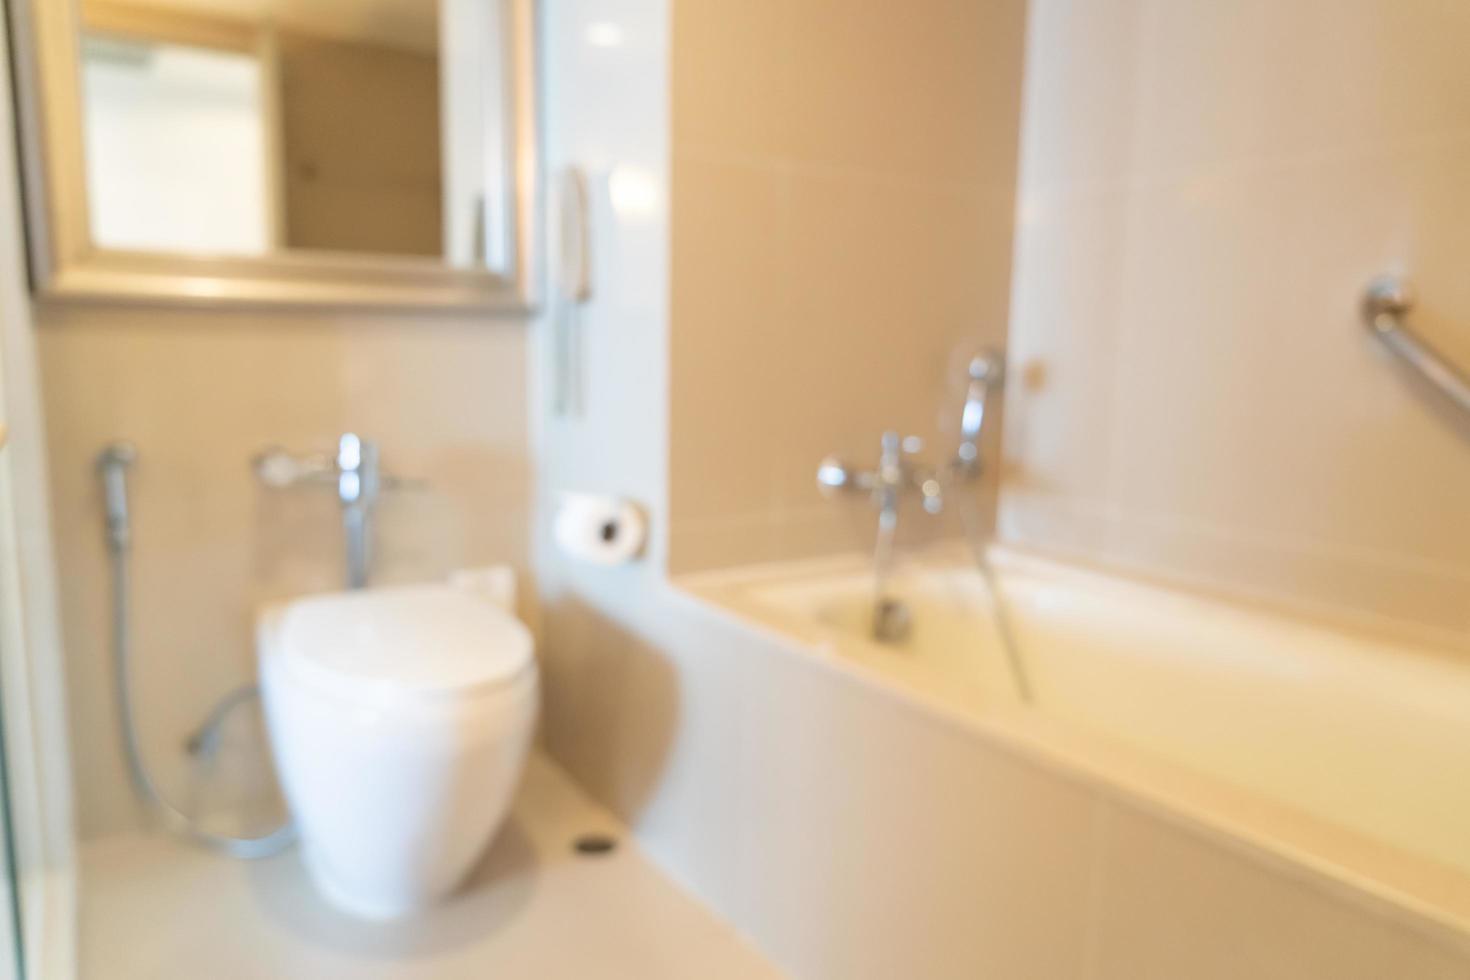 abstract vervagen badkamer of toilet voor achtergrond foto